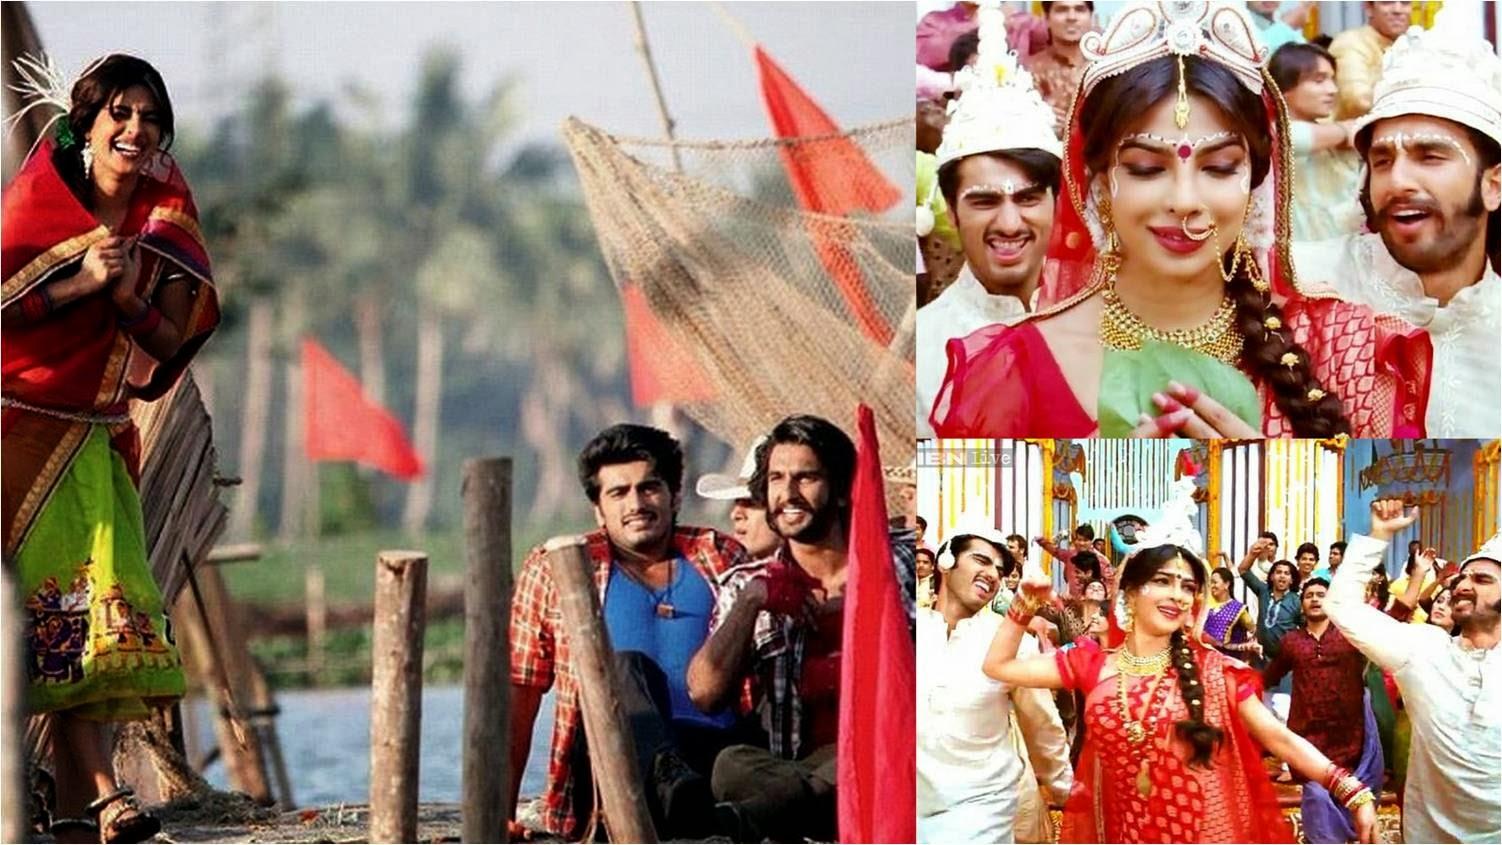 Priyanka Chopra, Arjun Kapoor and Ranveer Singh in Gunday movie stills